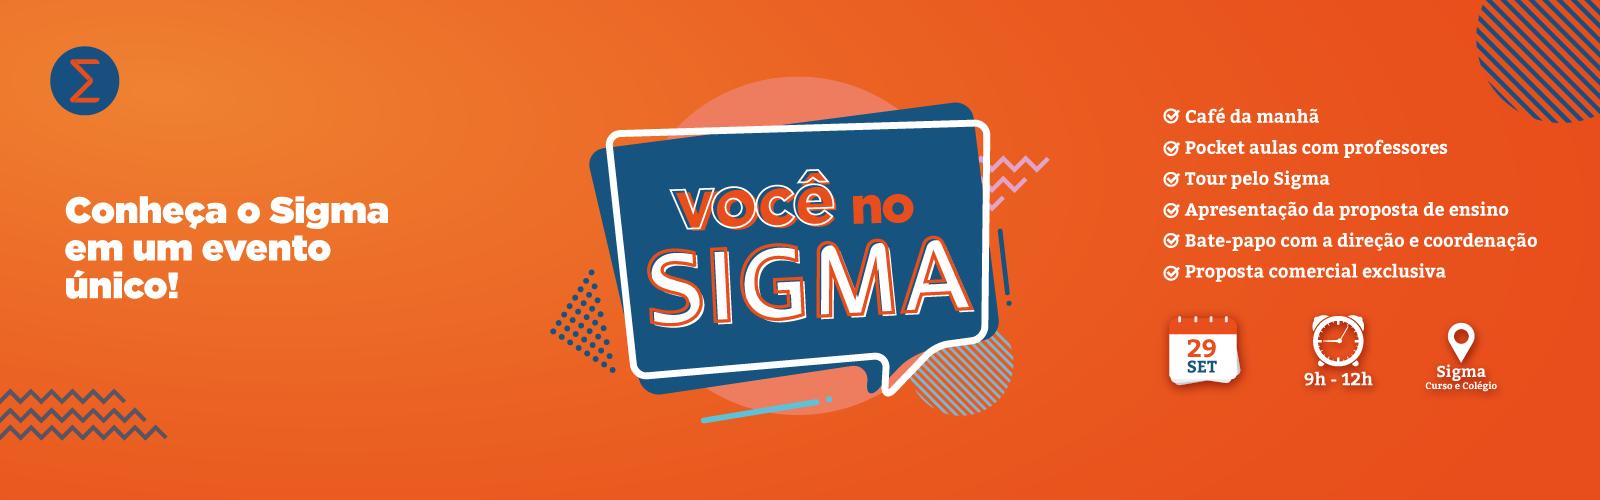 Dia de conhecer o Sigma!